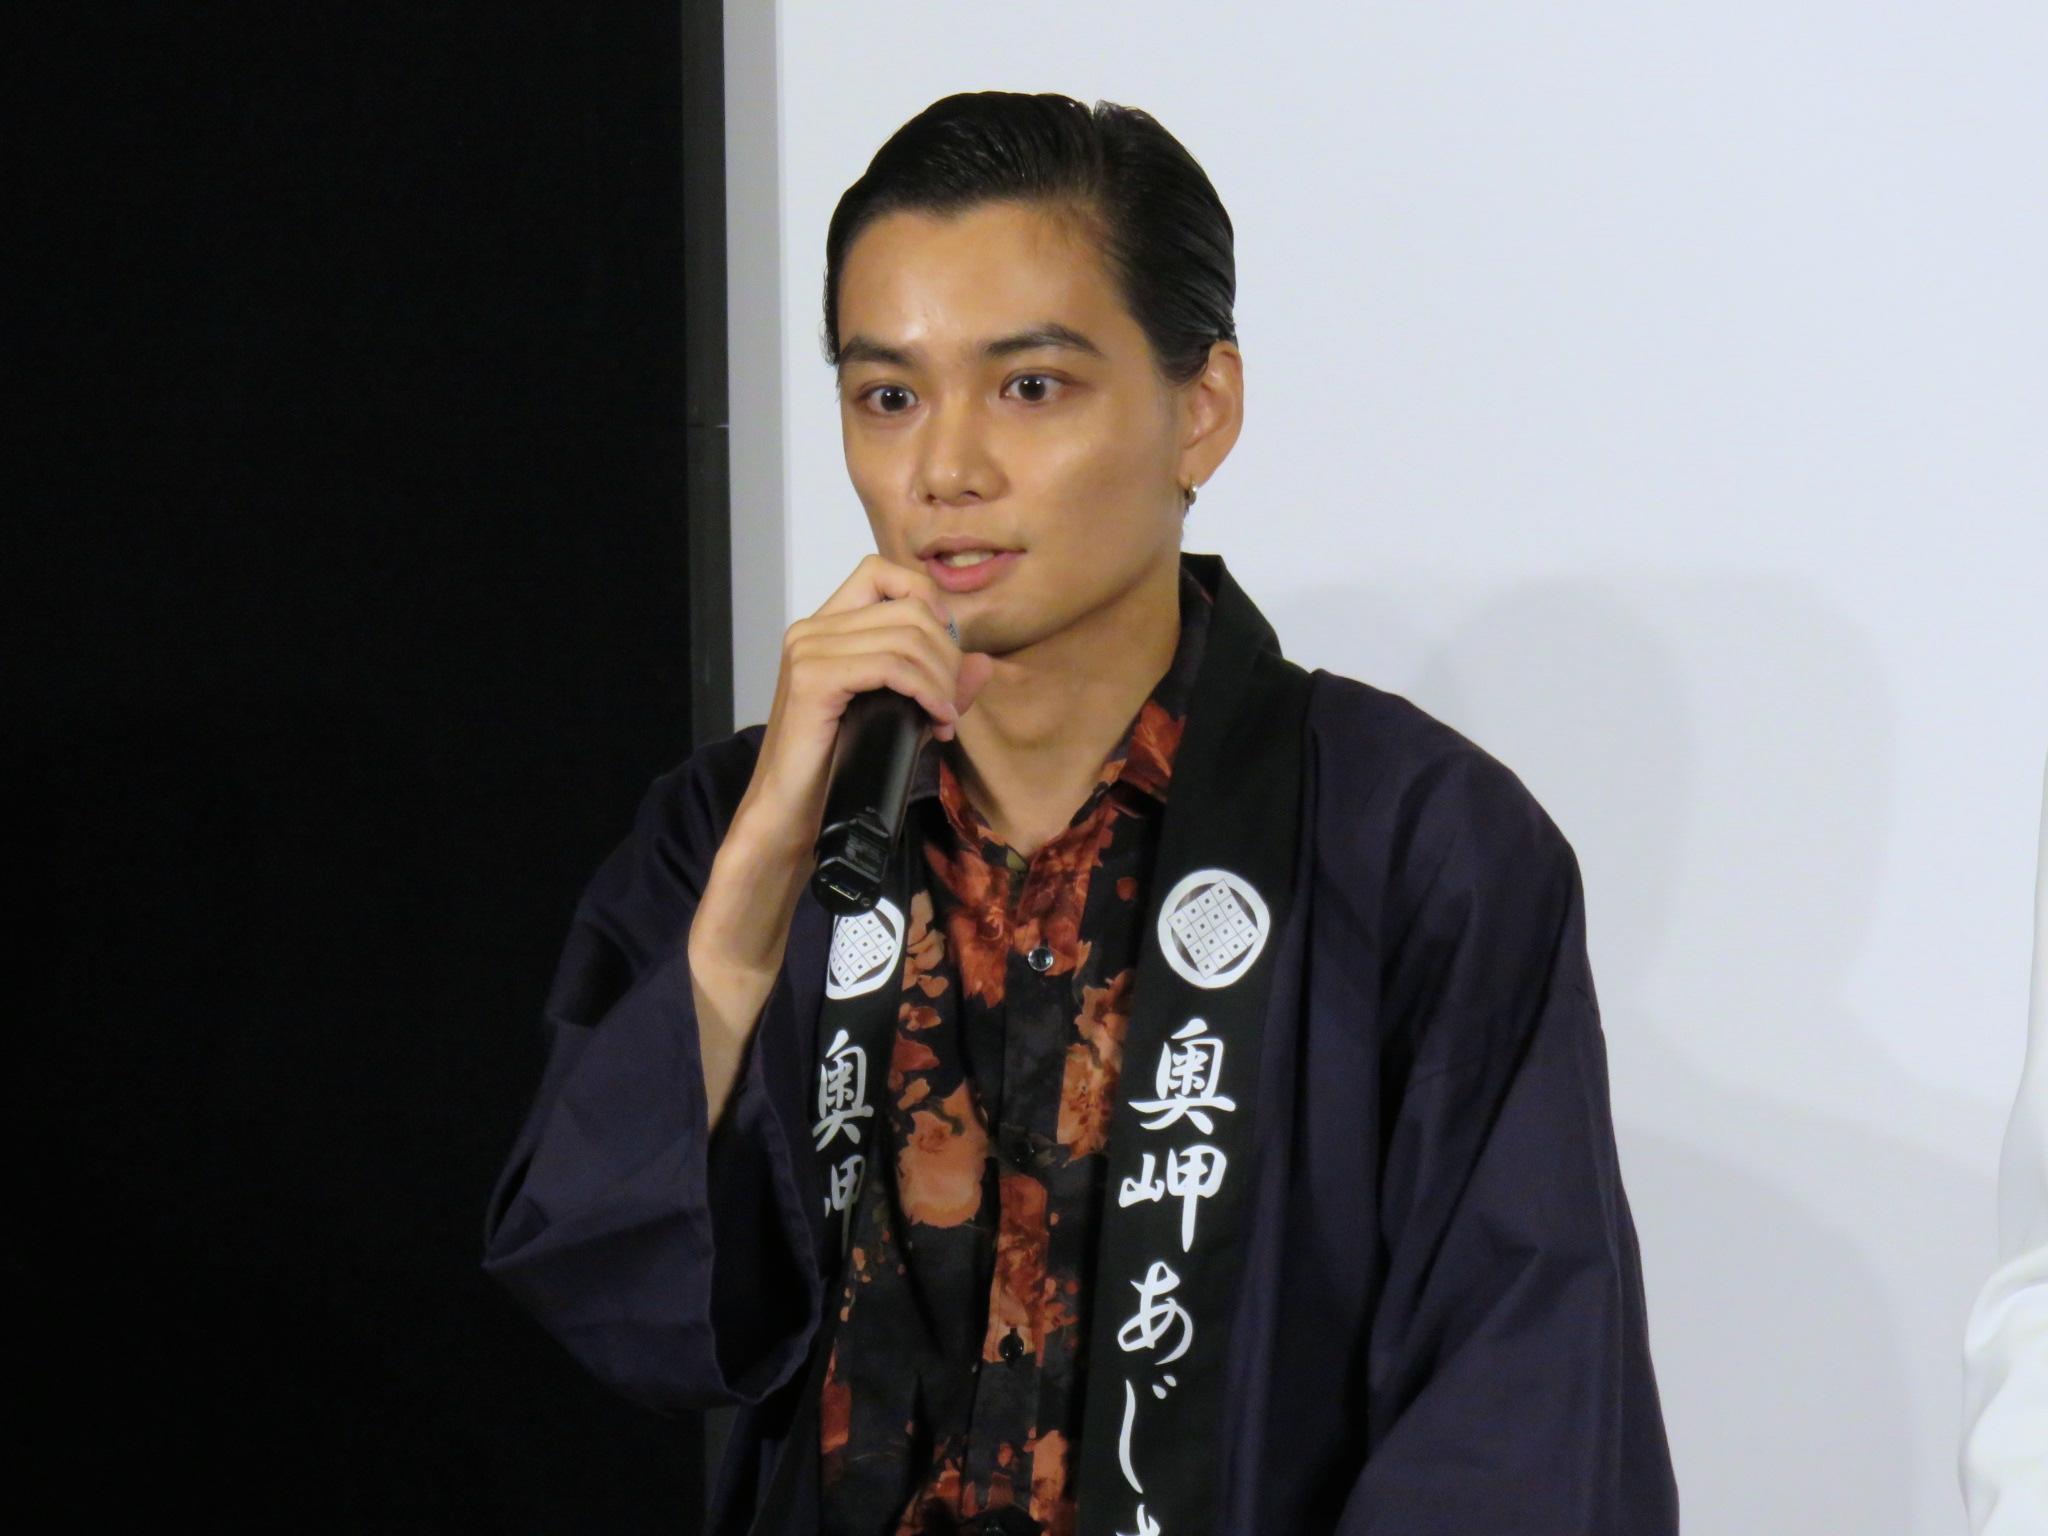 http://news.yoshimoto.co.jp/20171006210547-2ace452b22af2d0316b7c65785b9f8f9499cfbde.jpg